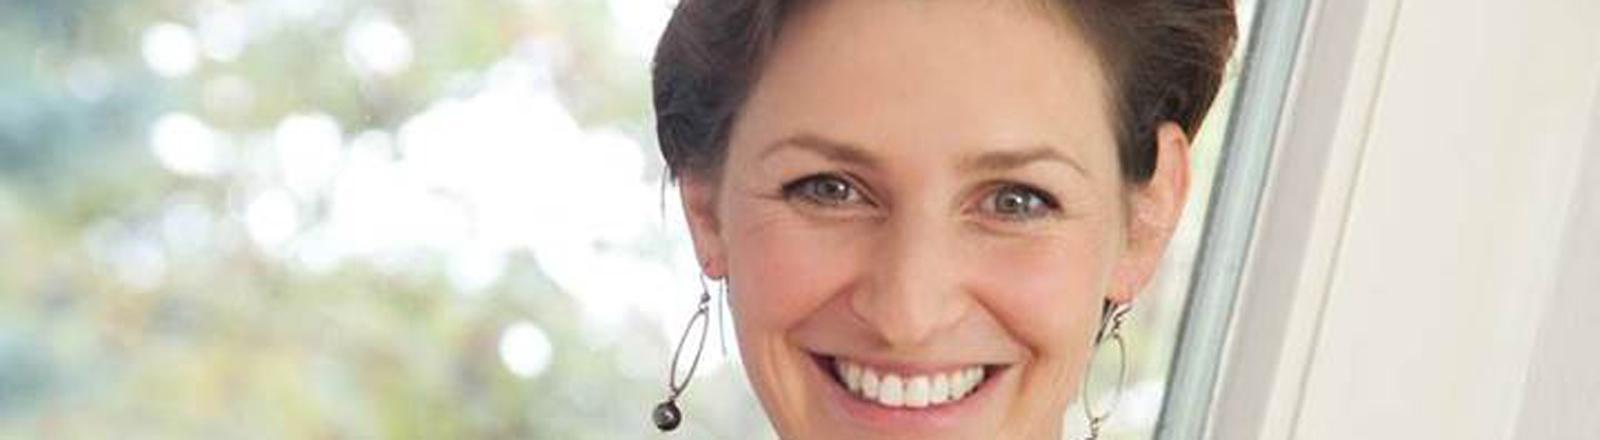 """Natalie Grams hat sich von der Homöopathie abgewandt und das Buch veröffentlicht: """"Homöopathie neu gedacht"""""""